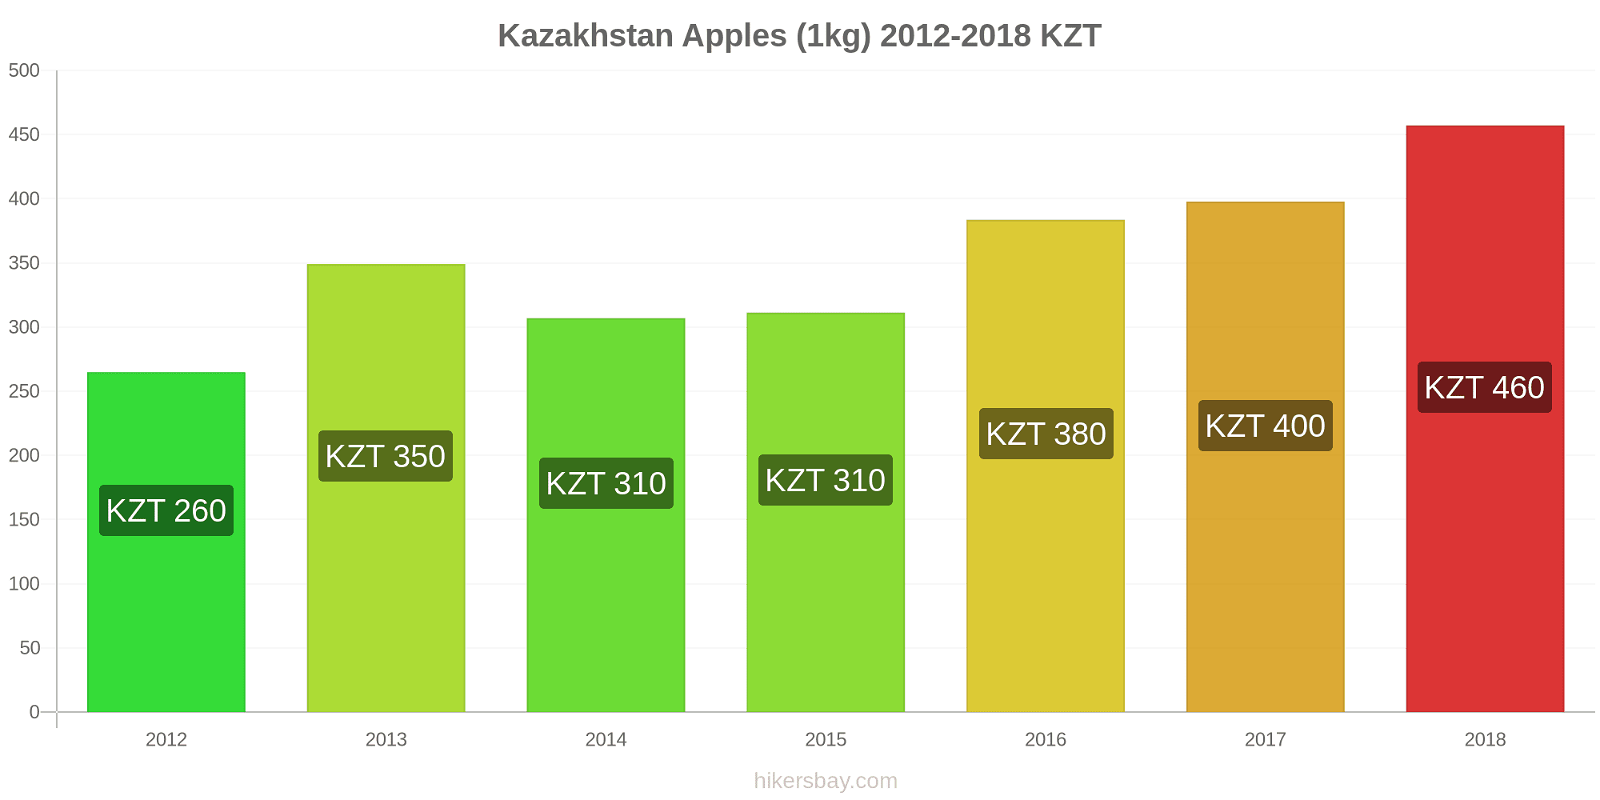 Kazakhstan price changes Apples (1kg) hikersbay.com